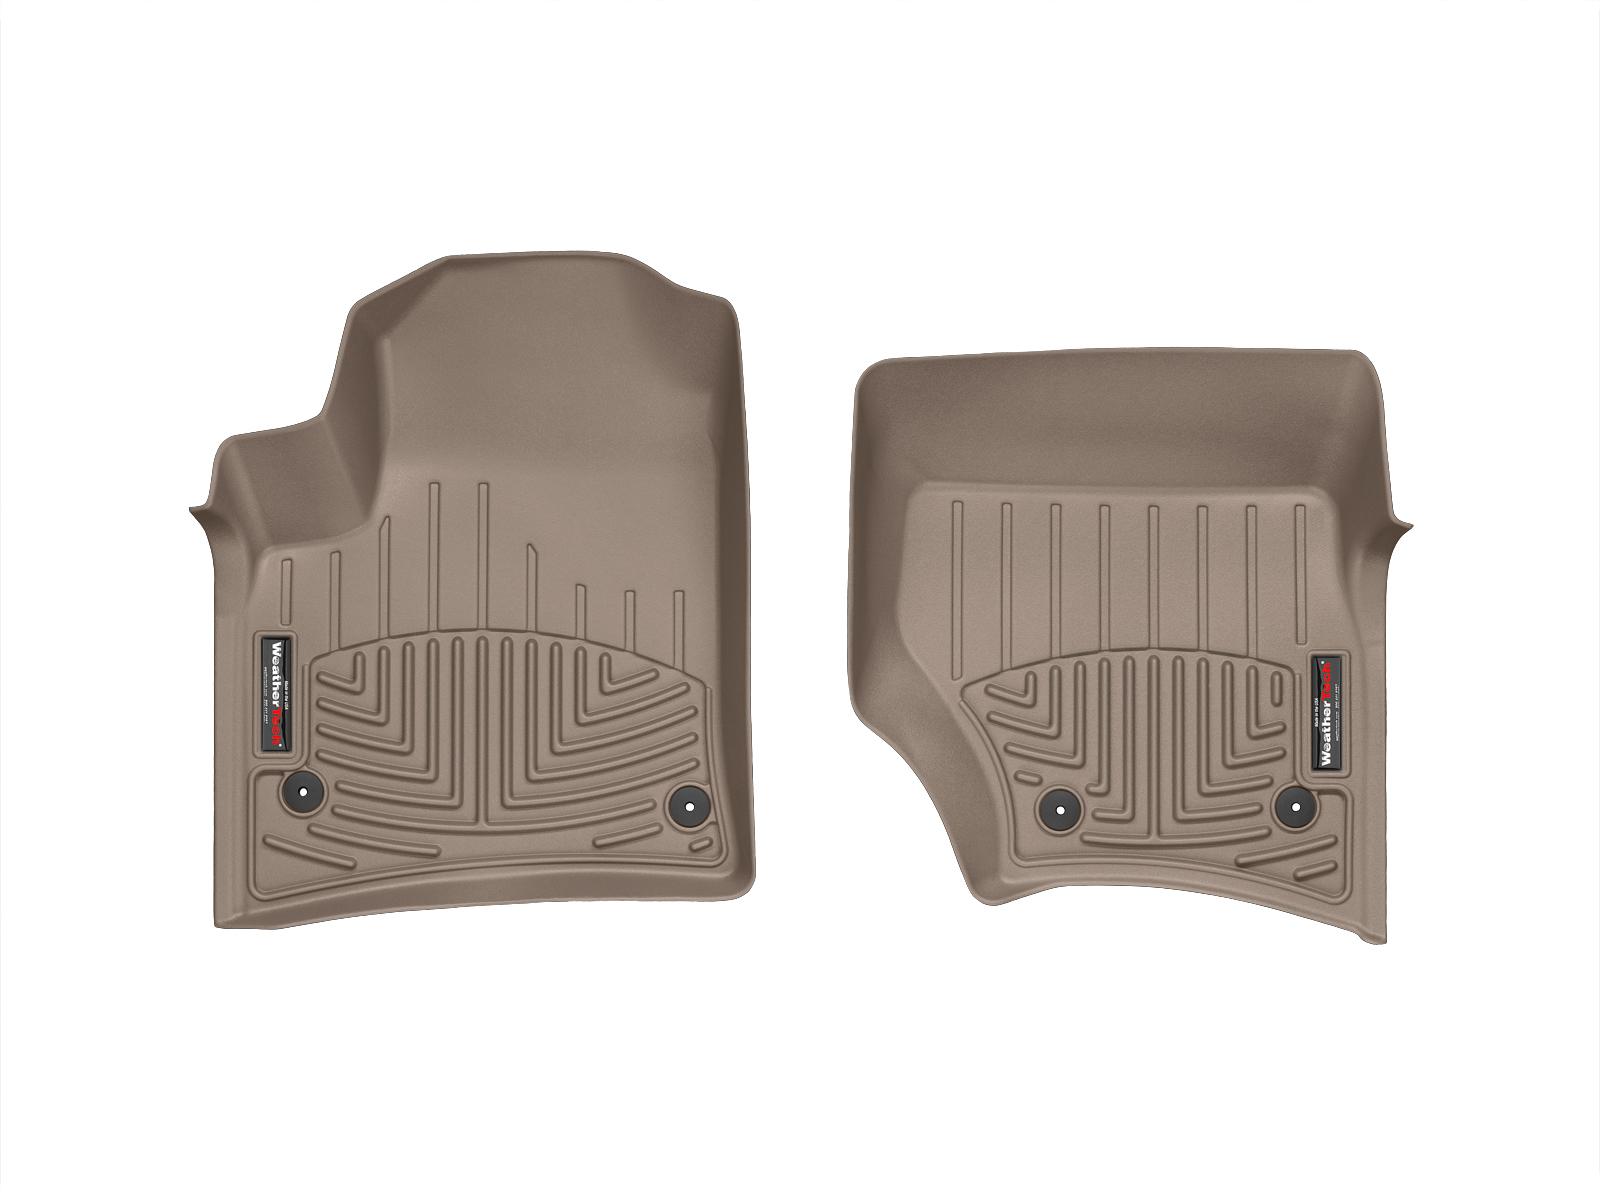 Tappeti gomma su misura bordo alto Volkswagen Touareg 09>09 Marrone A4304*